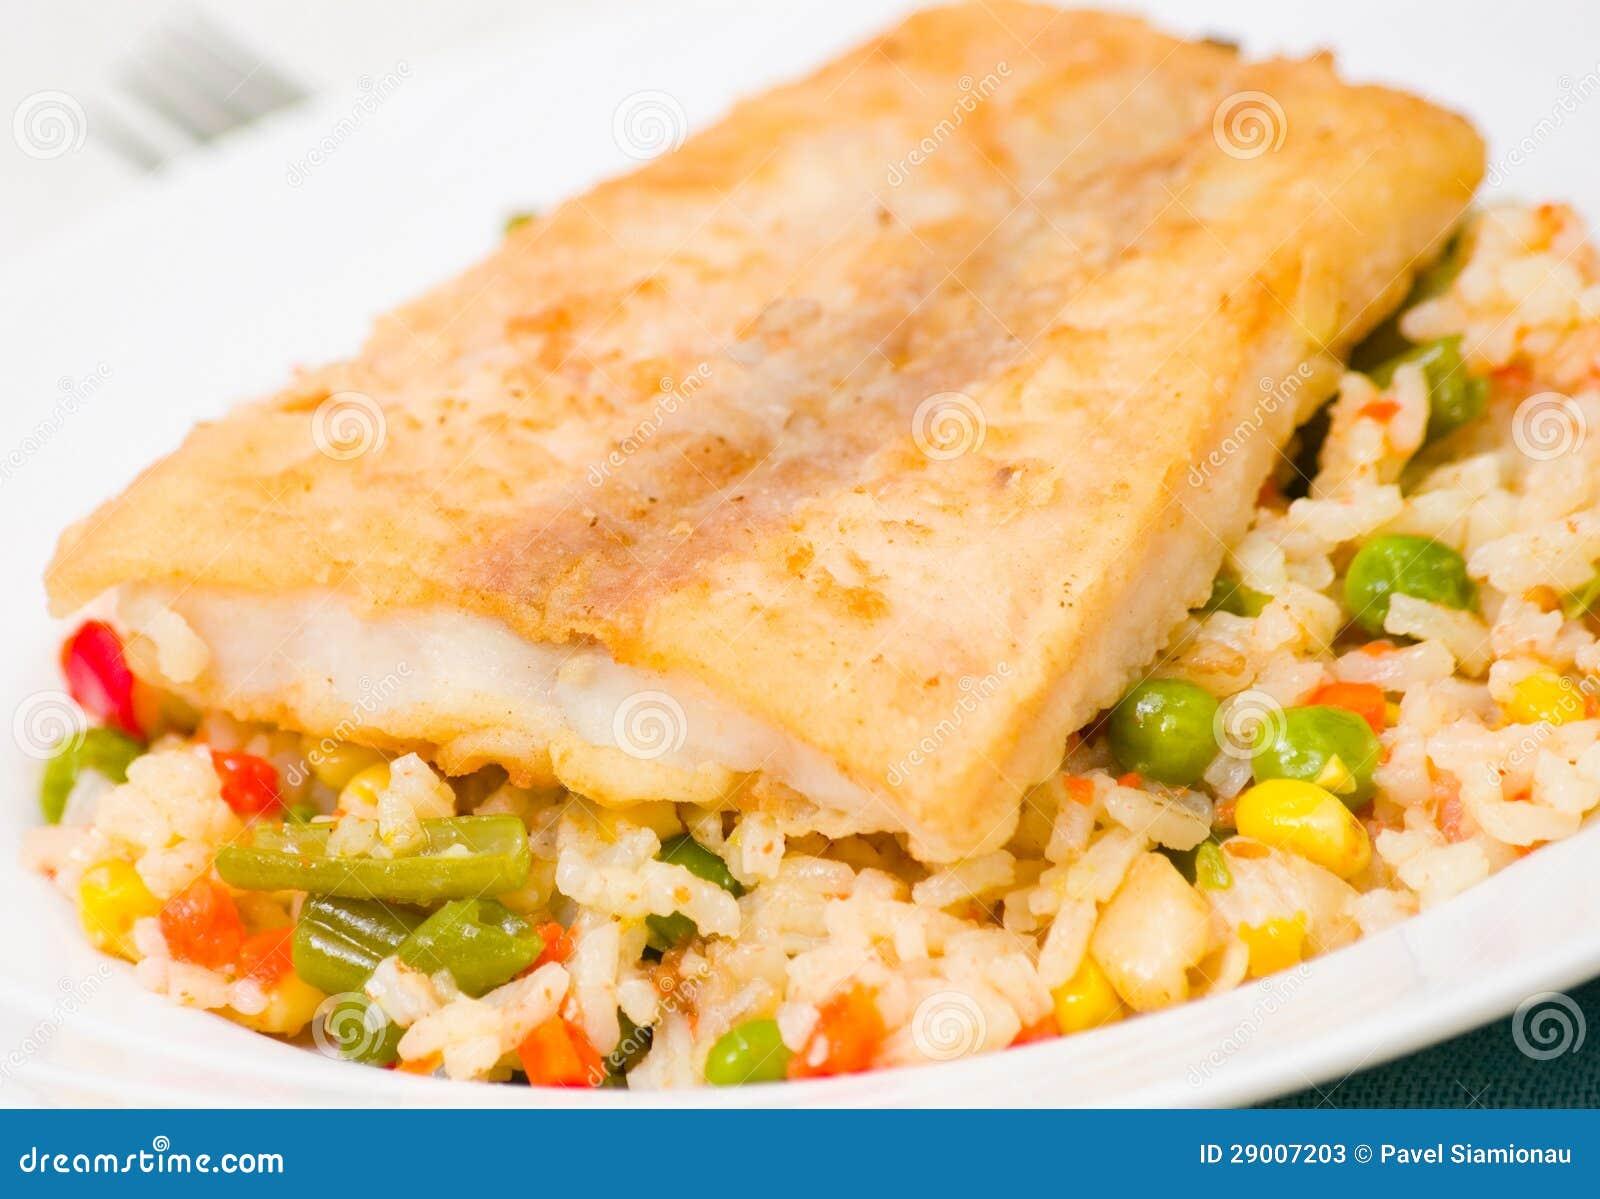 Fish fillet with rice and vegetables stock image image - Arroz con verduras y costillas ...